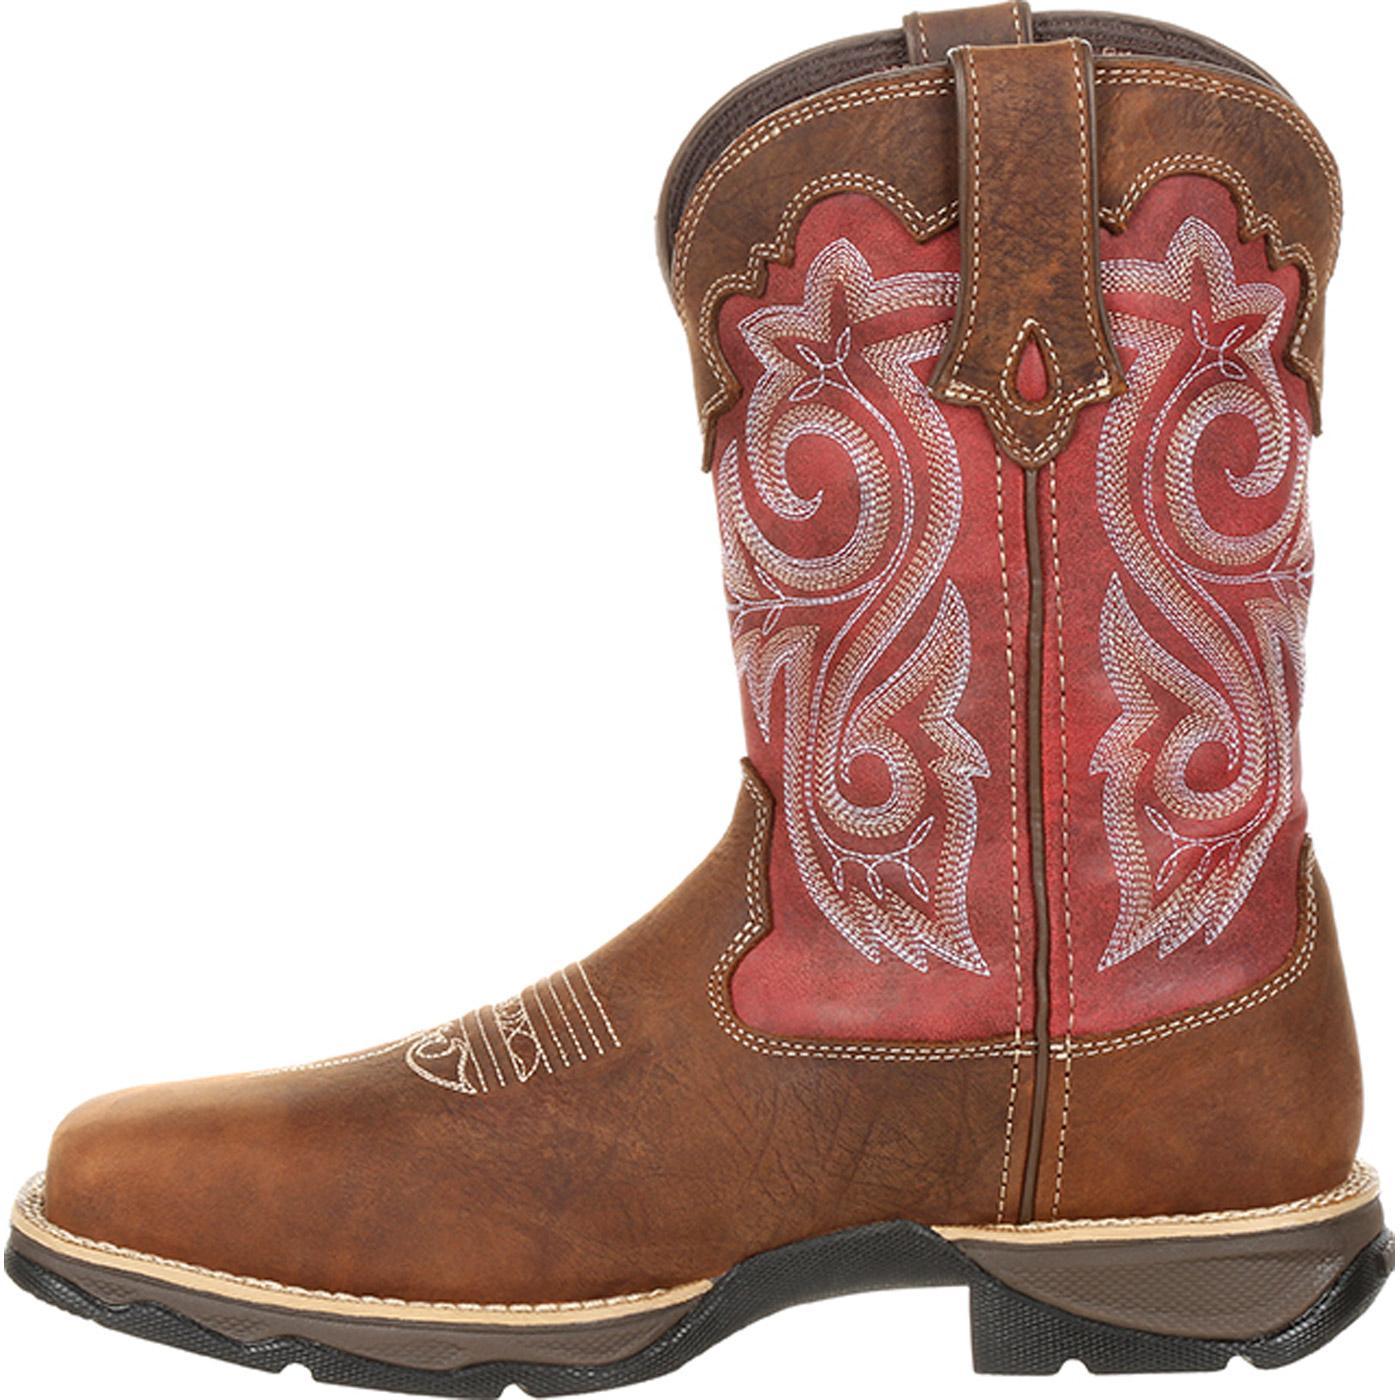 07fb9a29ffa Lady Rebel by Durango Women's Waterproof Composite Toe Western Work Boot